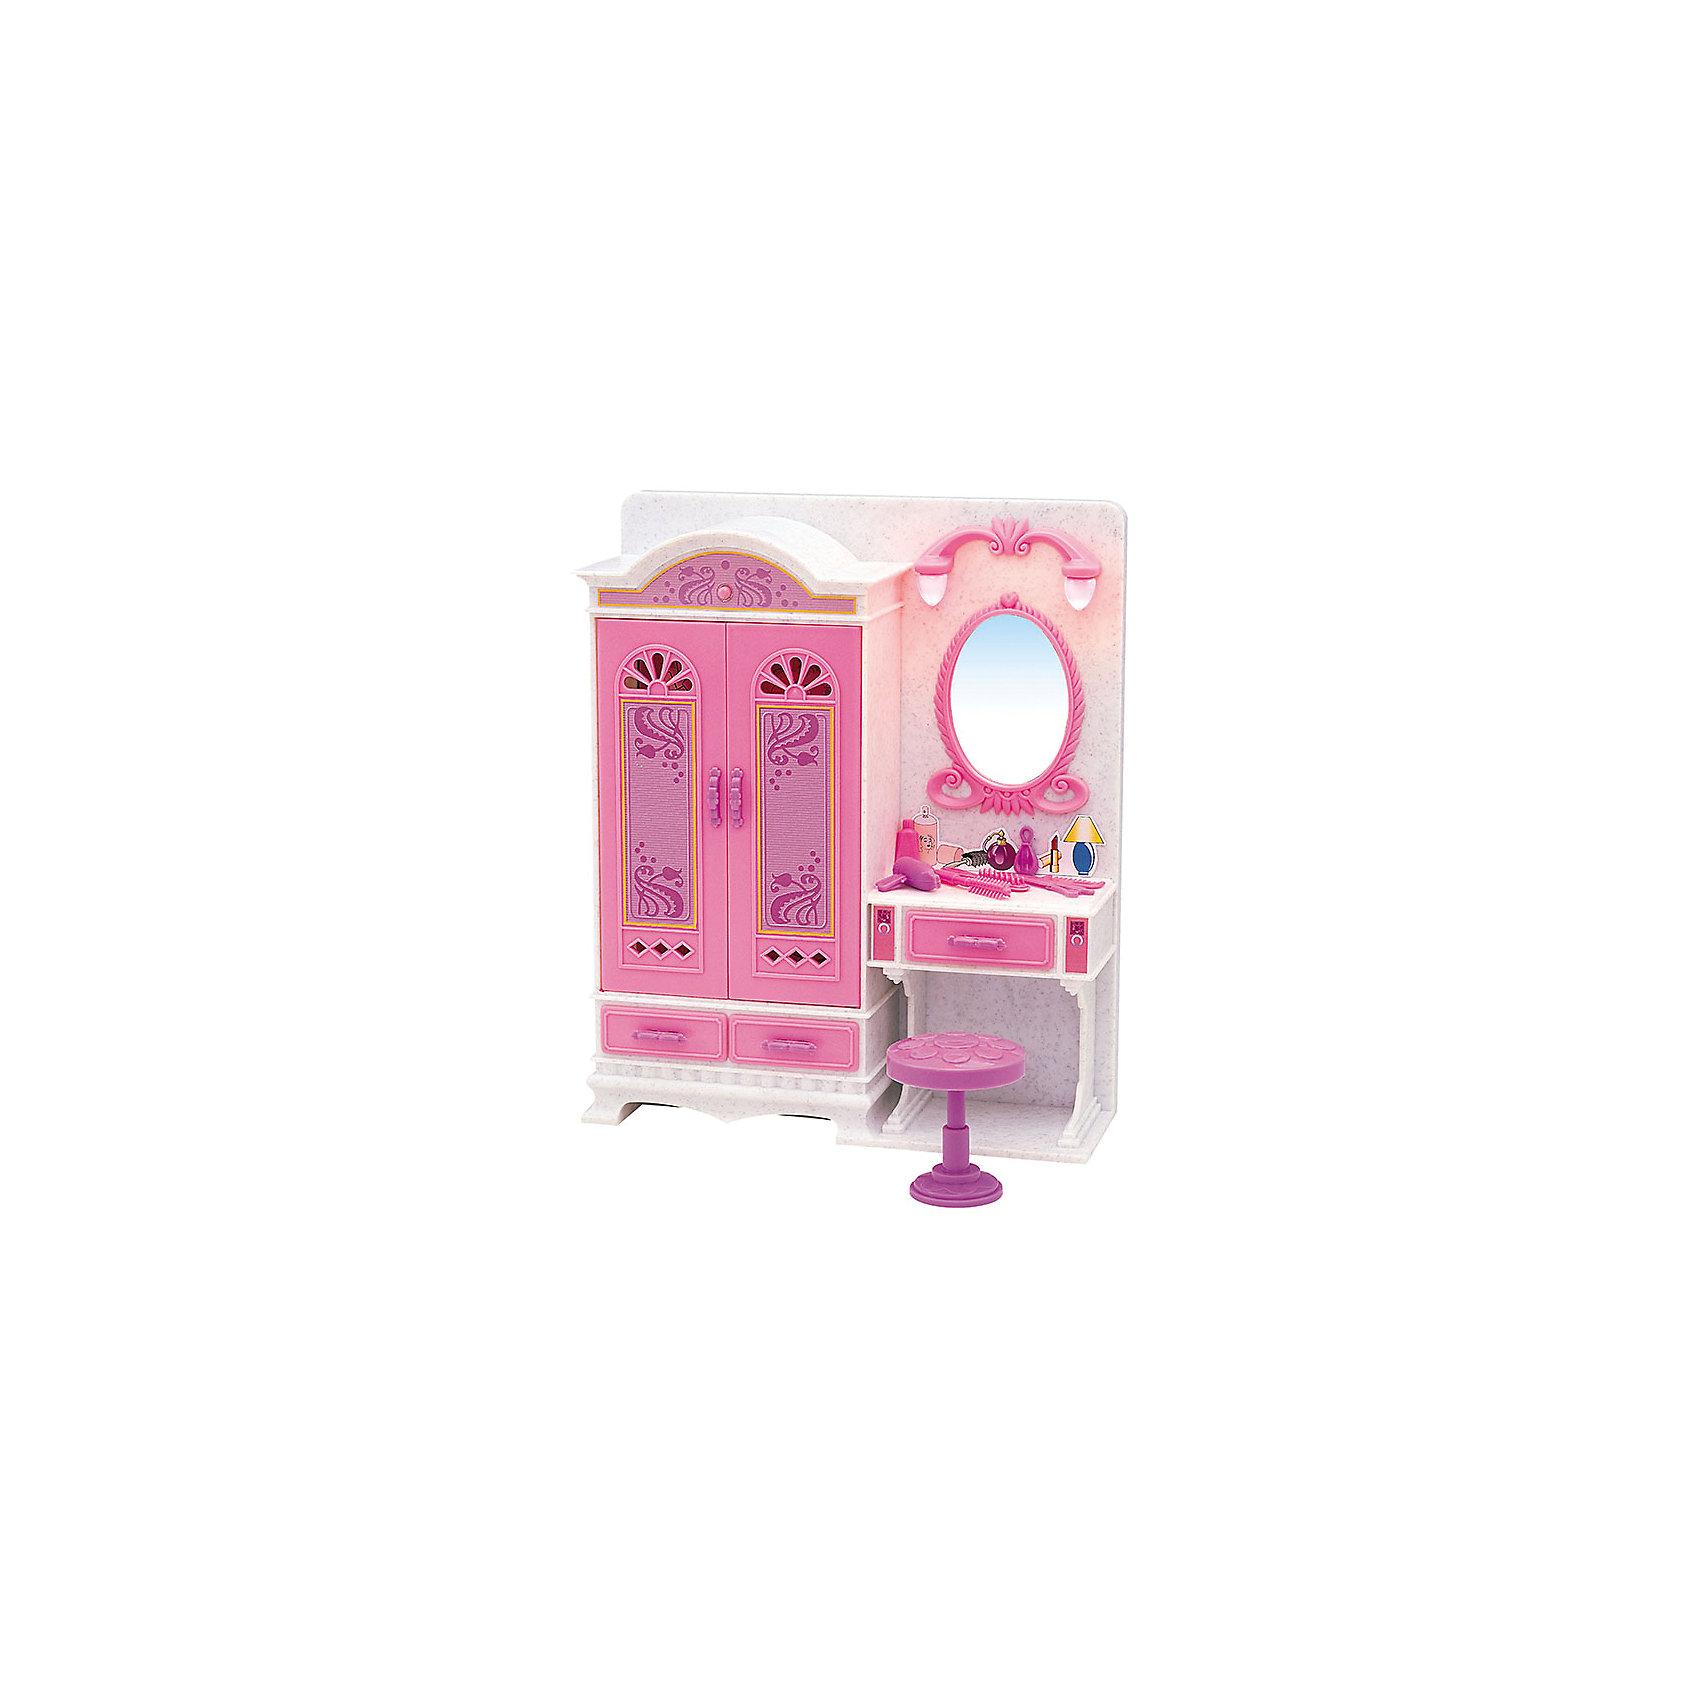 Набор мебели для кукол Волшебное трюмо, DollyToyИдеи подарков<br>Характеристики товара:<br><br>• возраст от 3 лет;<br>• материал: пластик;<br>• вращающиеся плечики<br>• подсветка зеркала<br>• батарейки в комплекте<br>• подходит для кукол высотой до 29 см<br>• в комплекте: шкаф, зеркало, стул, аксессуары;<br>• размер упаковки 31х31х9,5 см;<br>• вес упаковки 918 гр.;<br>• страна производитель: Китай.<br><br>Набор мебели для кукол «Волшебное трюмо» DollyToy — набор аксессуаров для кукол, с которым девочка придумает оригинальные сюжеты и истории для игры. Посадив куклу на стульчик перед зеркалом, девочка будет создавать оригинальные прически кукле, заплетать и расчесывать волосы. Зеркало подсвечивается. Игрушка сделана из качественного безопасного пластика.<br><br>Набор мебели для кукол «Волшебное трюмо» DollyToy можно приобрести в нашем интернет-магазине.<br><br>Ширина мм: 310<br>Глубина мм: 310<br>Высота мм: 95<br>Вес г: 918<br>Возраст от месяцев: 36<br>Возраст до месяцев: 72<br>Пол: Женский<br>Возраст: Детский<br>SKU: 5581270